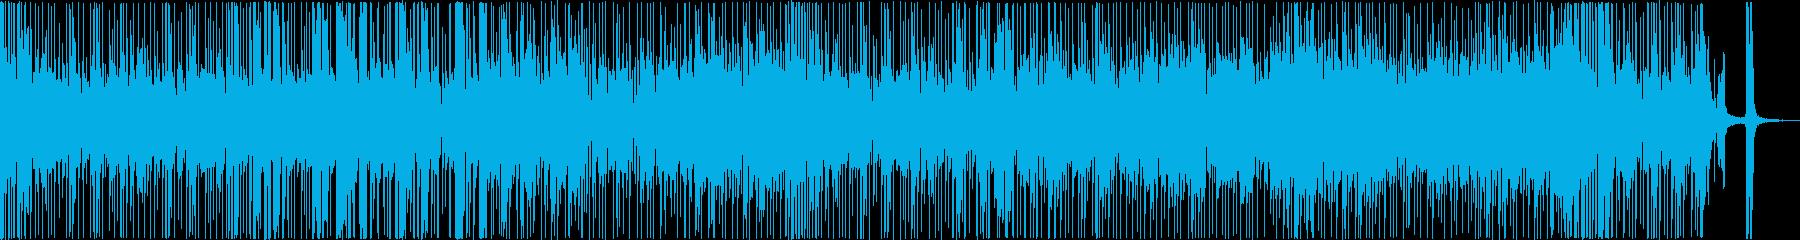 クールでお洒落な活気あるファンクスターの再生済みの波形